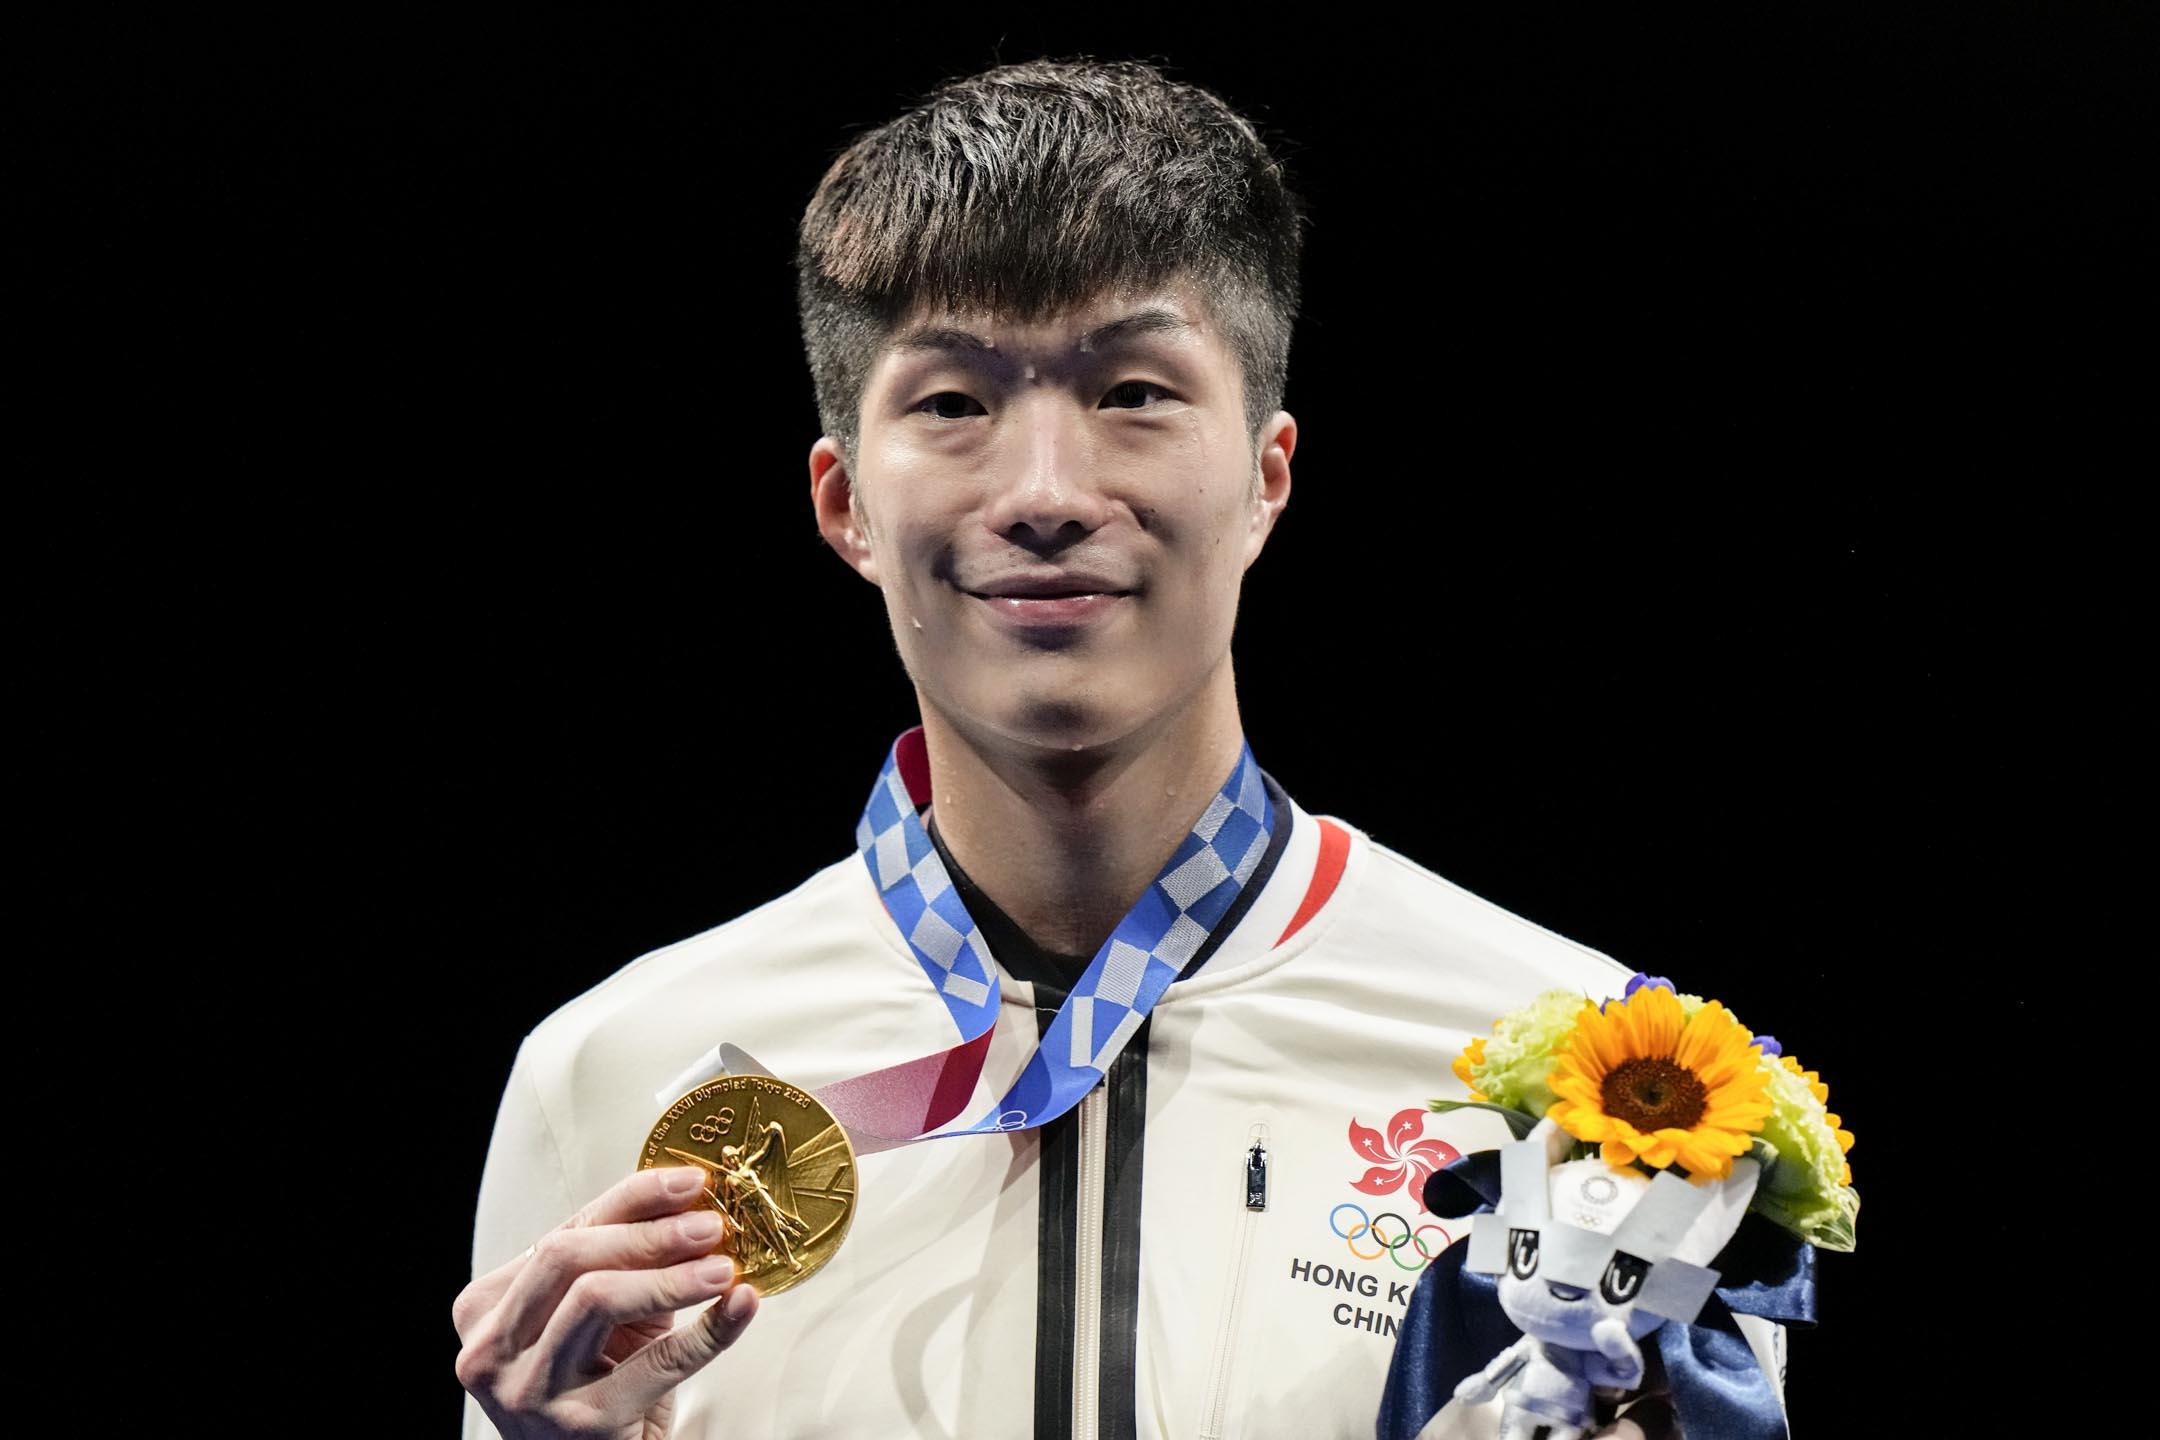 2021年7月26日,香港男子劍擊代表張家朗在花劍決賽,以15比11擊敗上屆金牌得主、意大利的Daniele Garozzo,成為自1996年以來,首名取得奧運金牌的香港選手。